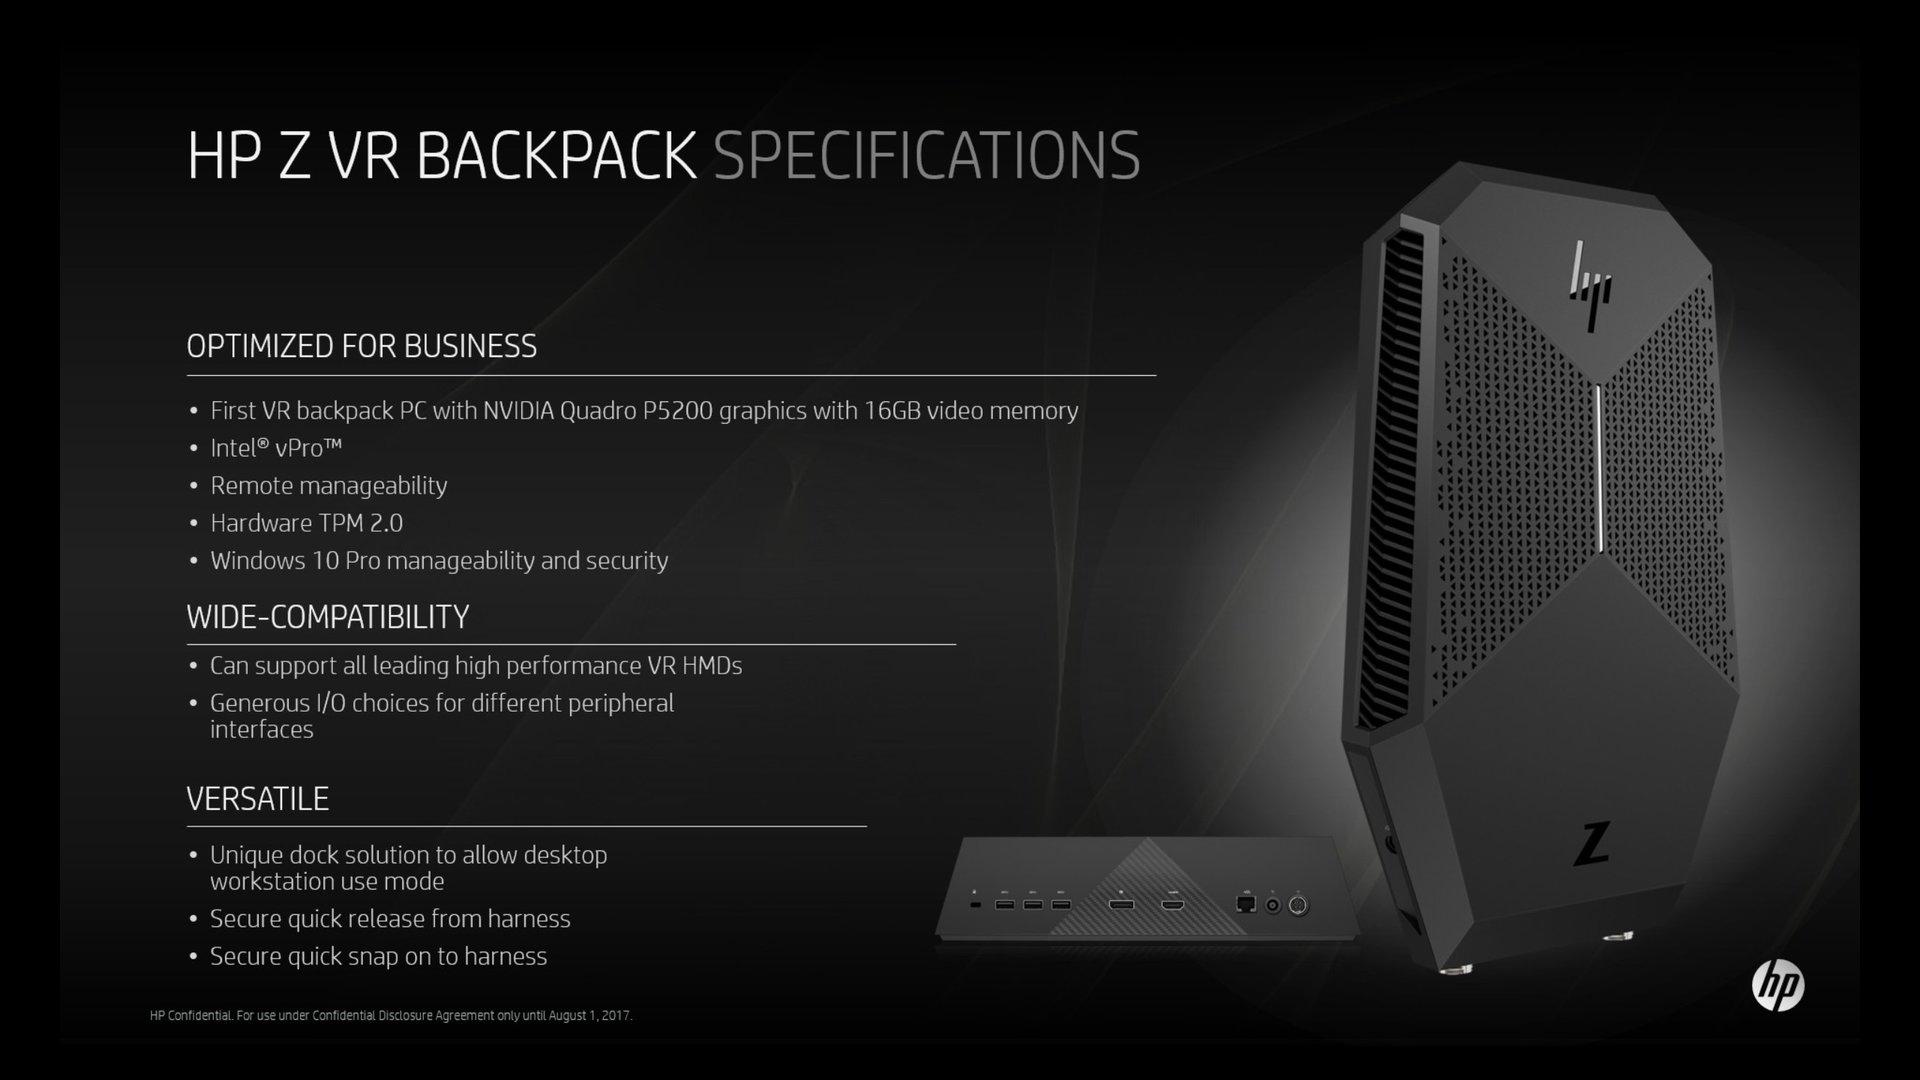 HP Z VR Backpack + Docking Station